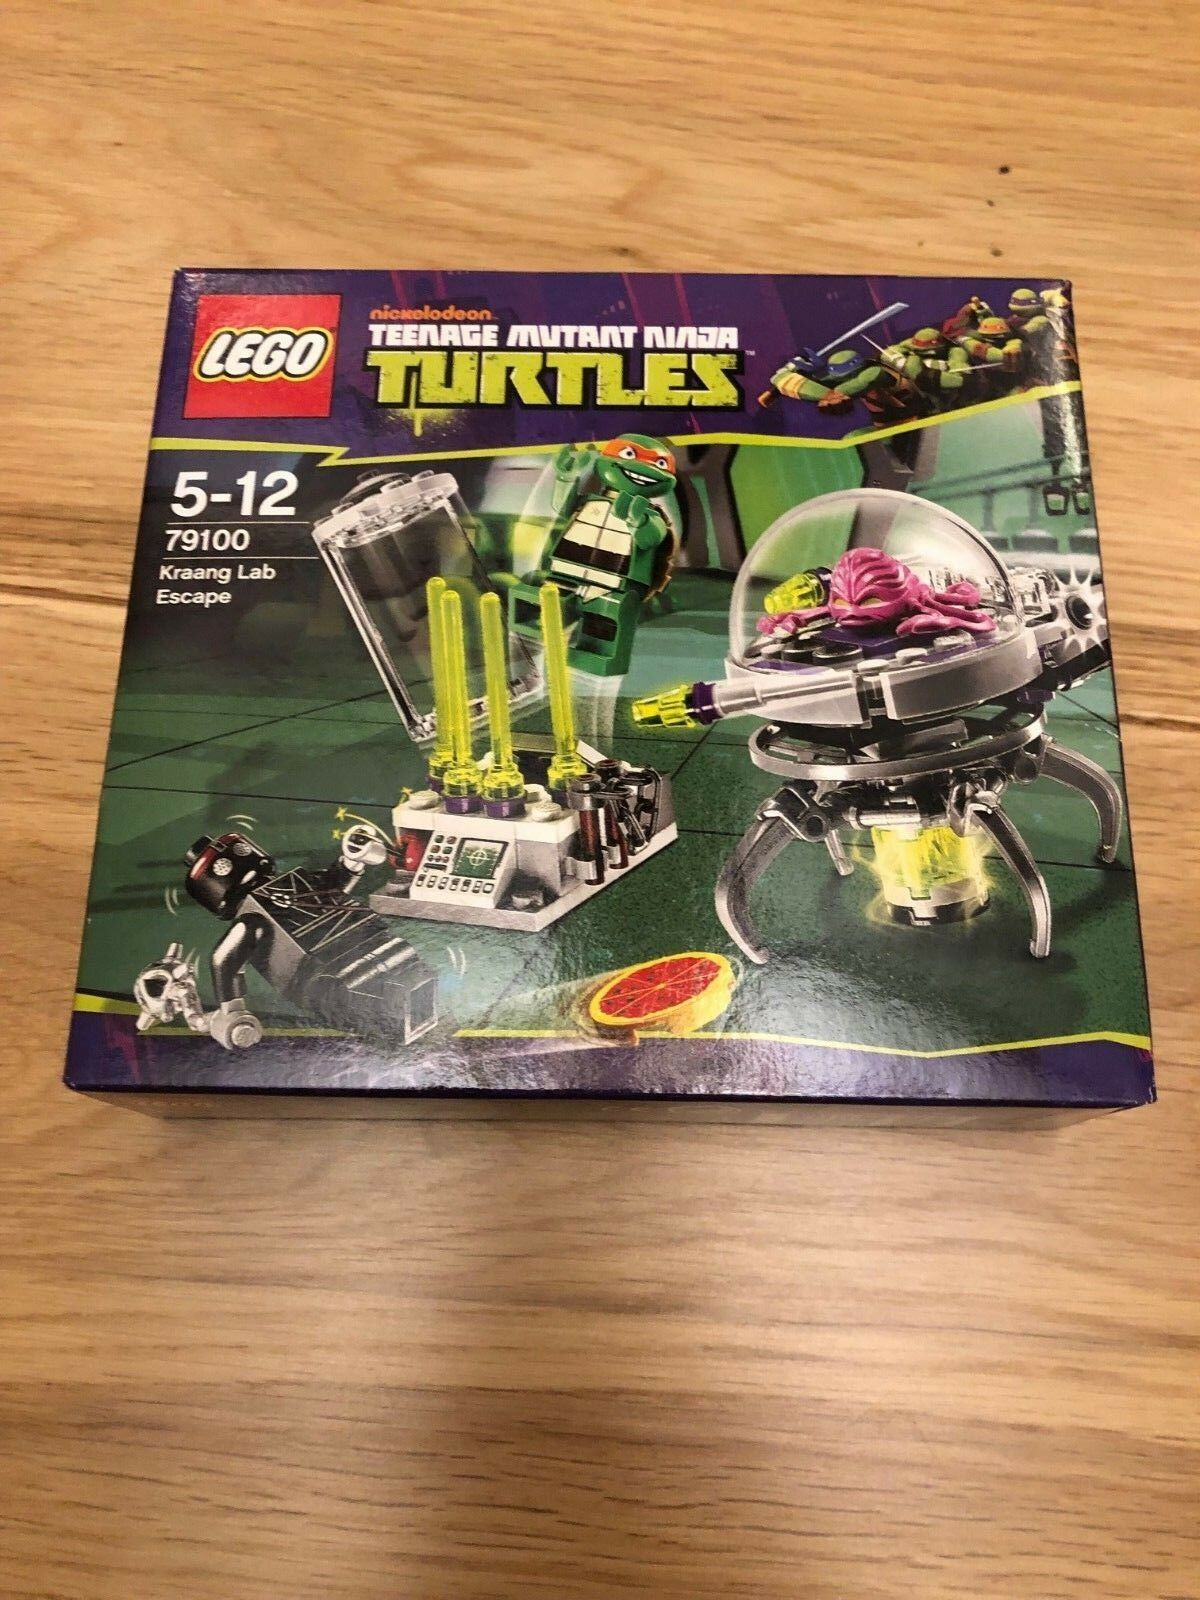 LEGO Teenage Mutant Ninja Turtles Kraang Lab Escape (79100) BRAND NEW AND SEALED